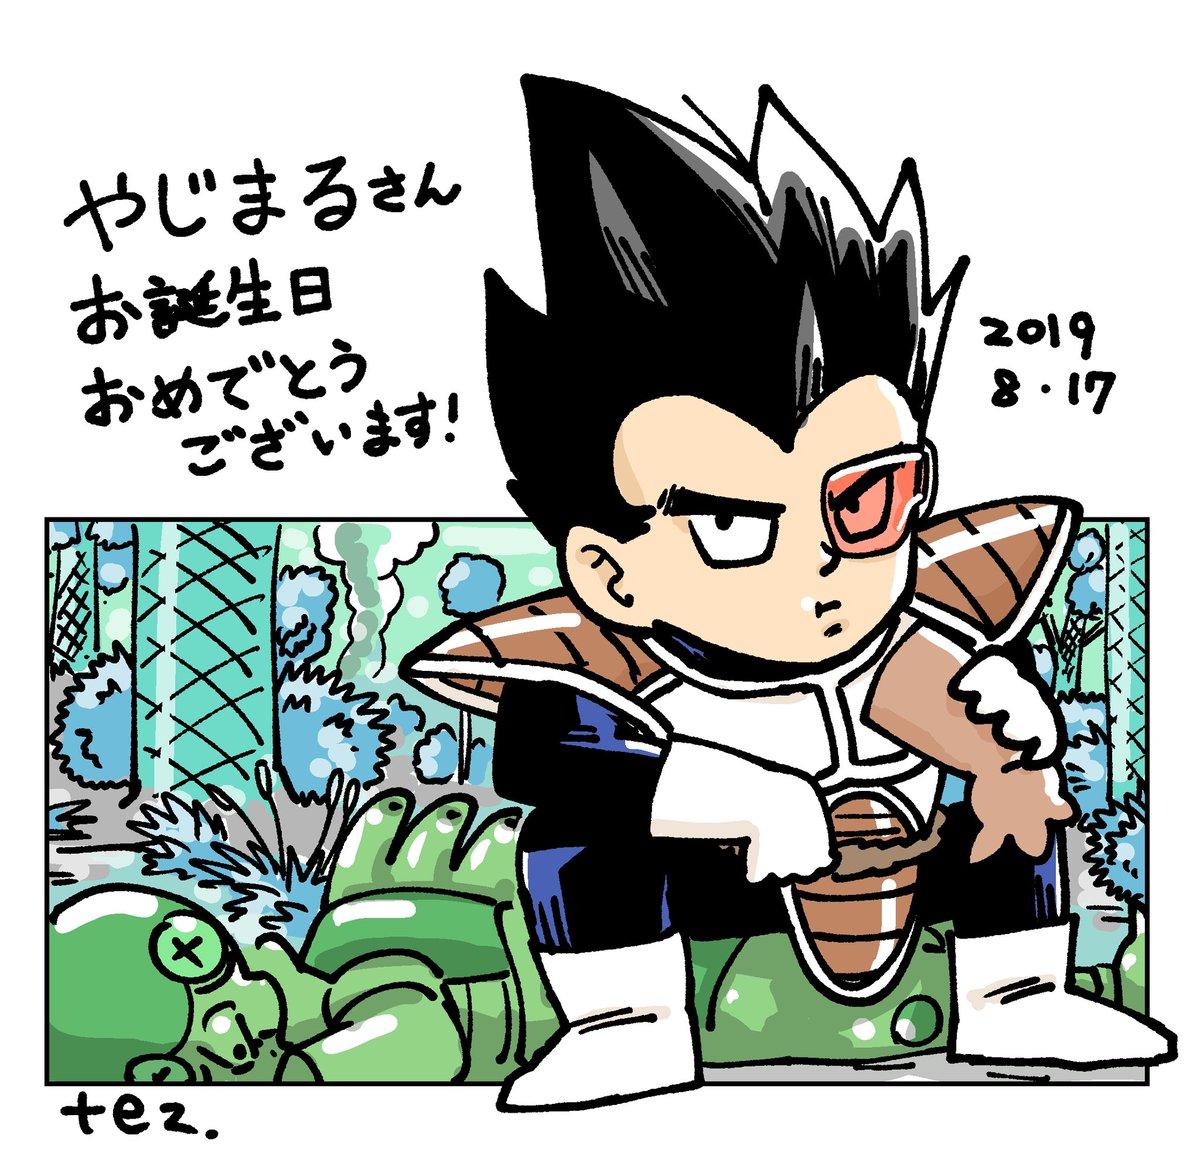 やじまるさん(@yajimaru0817 )お誕生日おめでとうございます🎂 おいしいもの食べてください~!!!